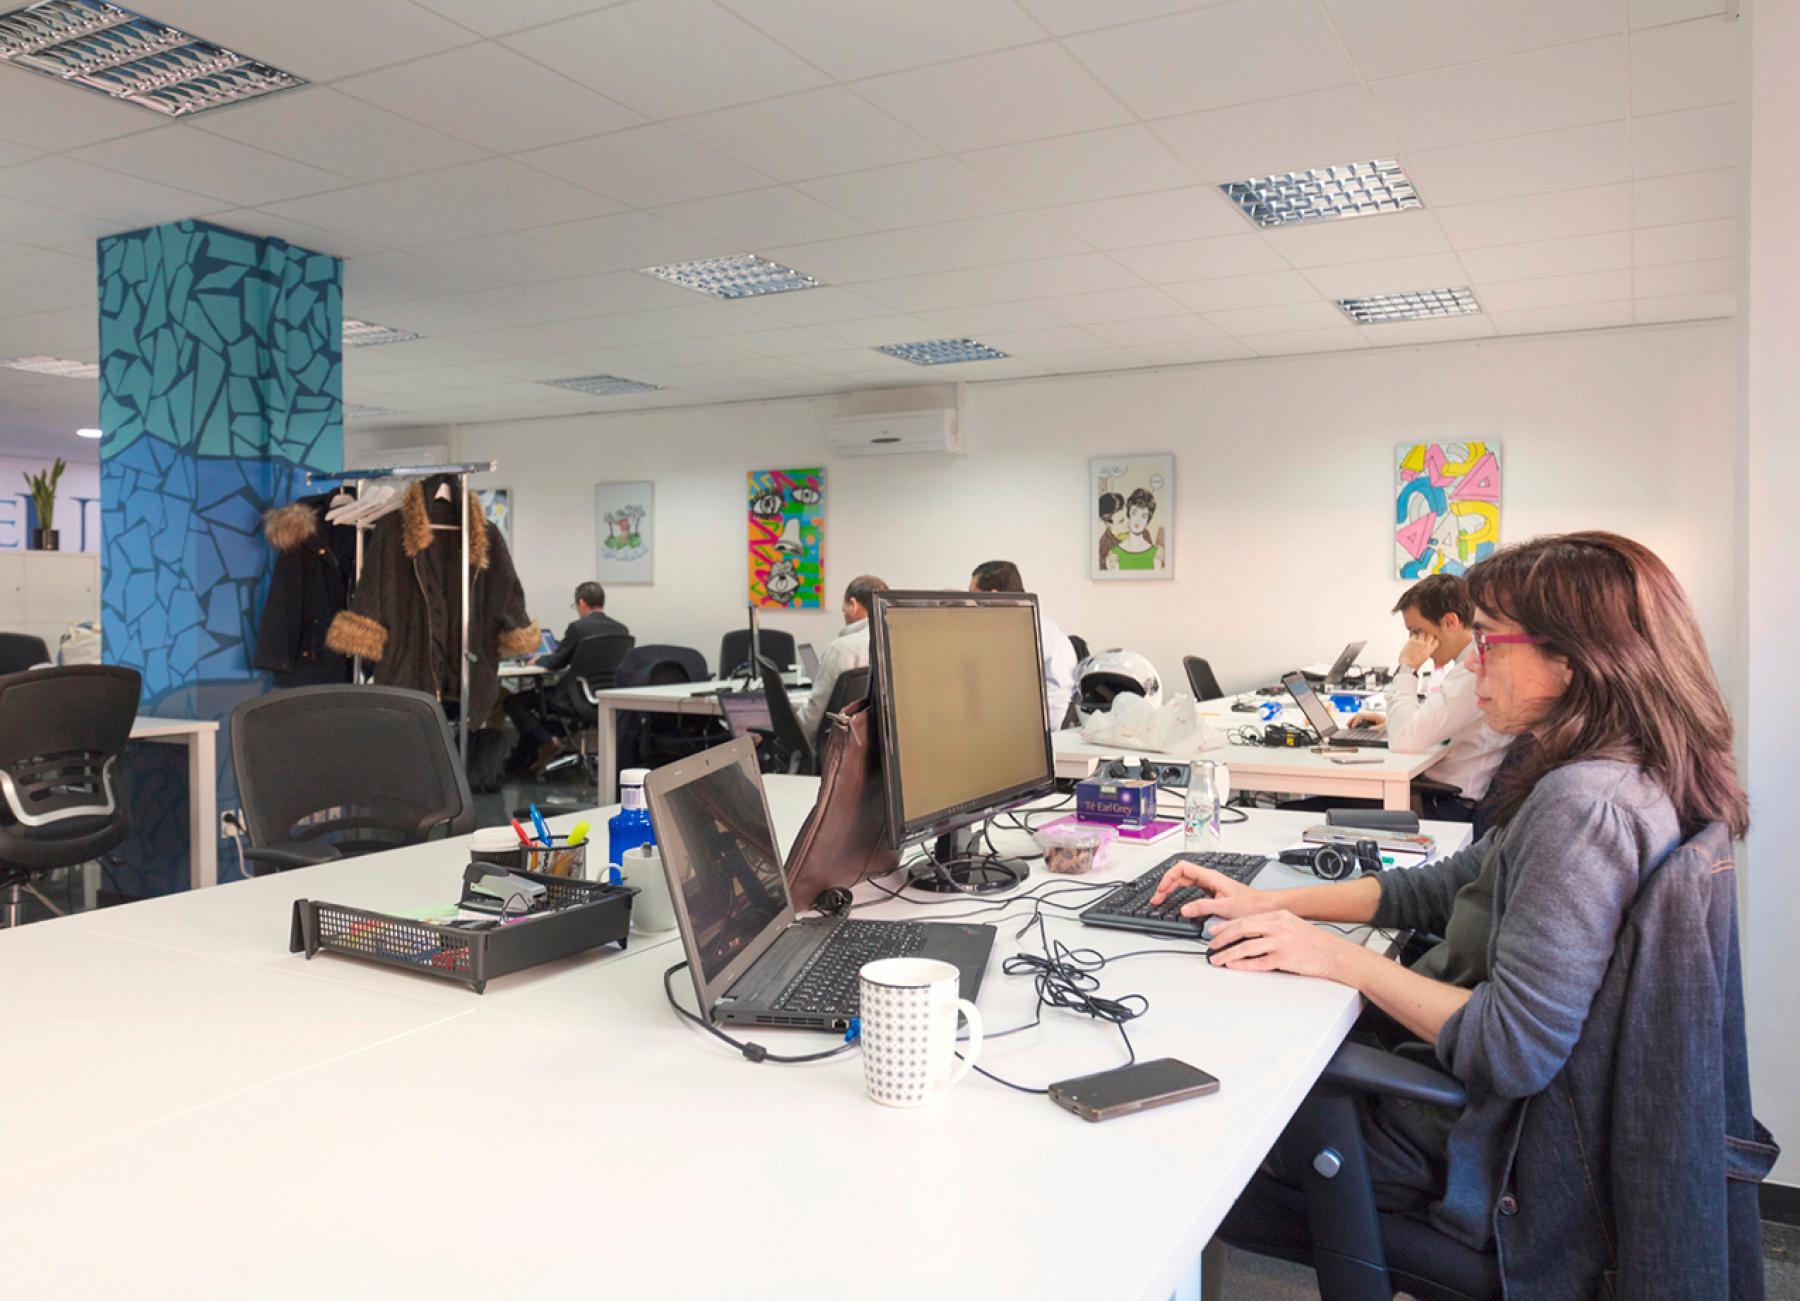 Alquilar oficinas Carrer de Provença 385, Barcelona (3)